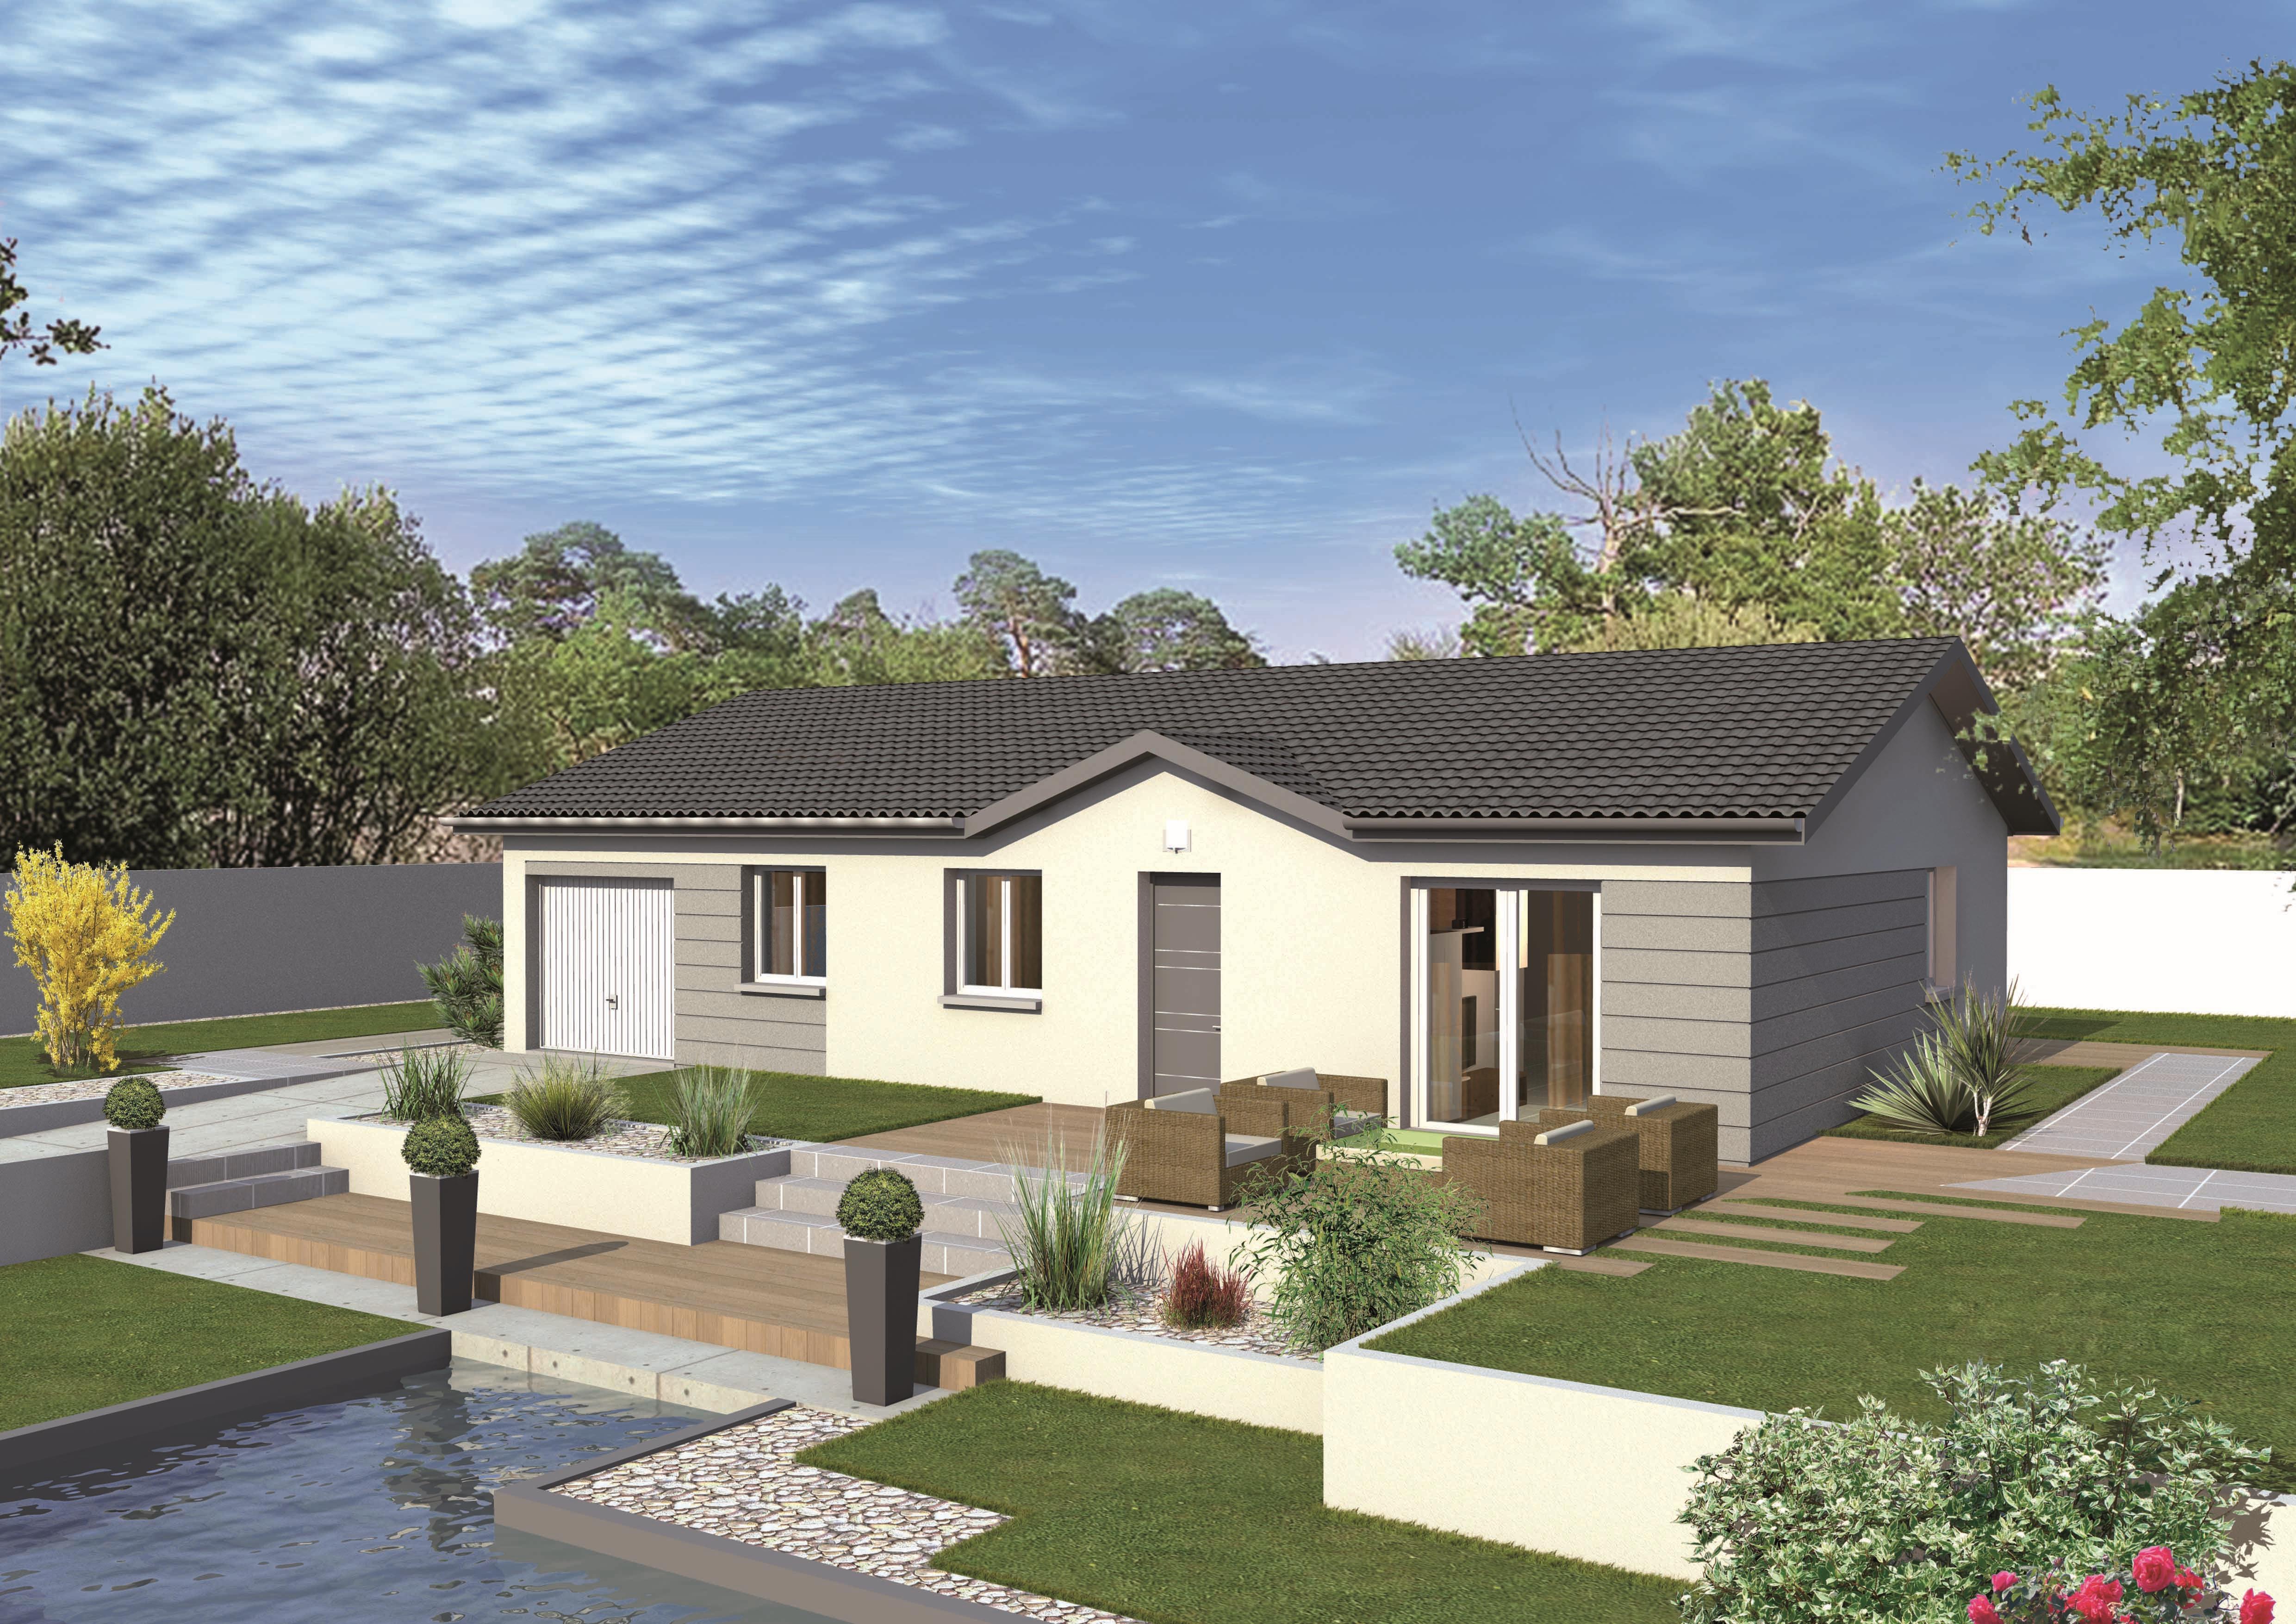 Maisons + Terrains du constructeur MAISONS PUNCH BOURGOIN • 78 m² • AOSTE